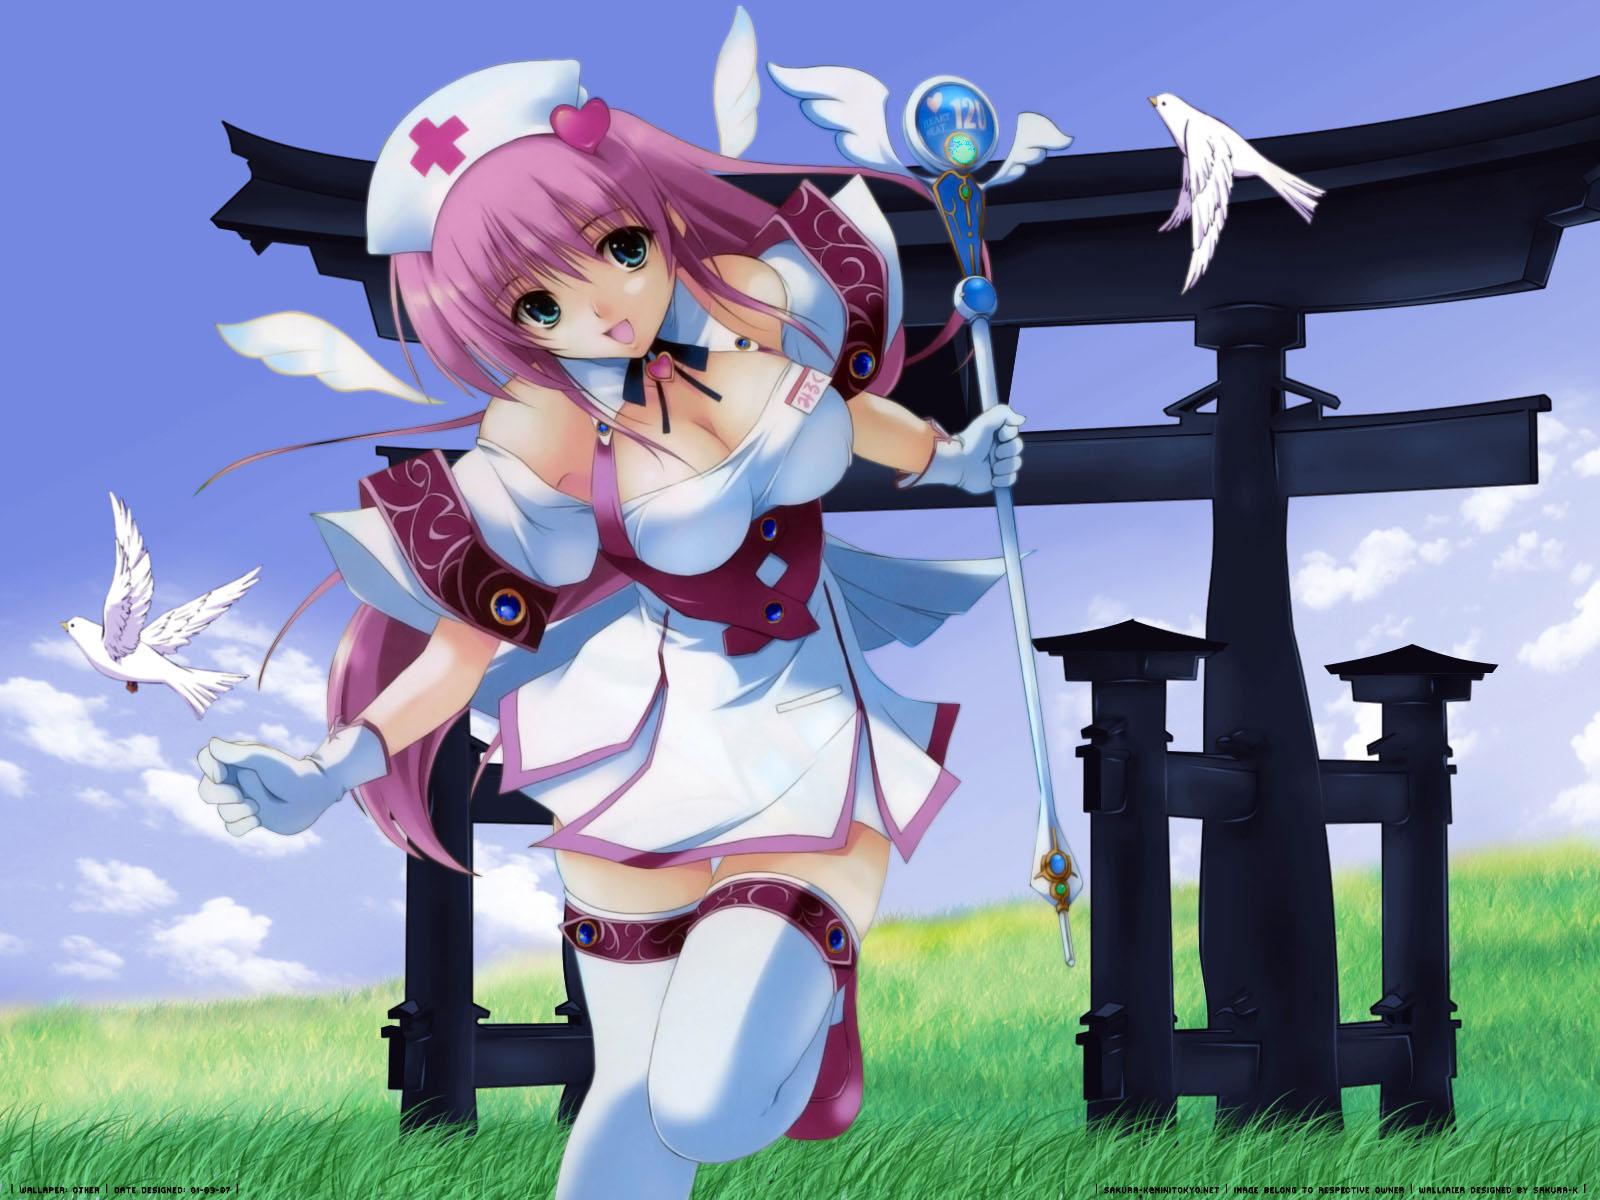 картинки аниме новые красивые: